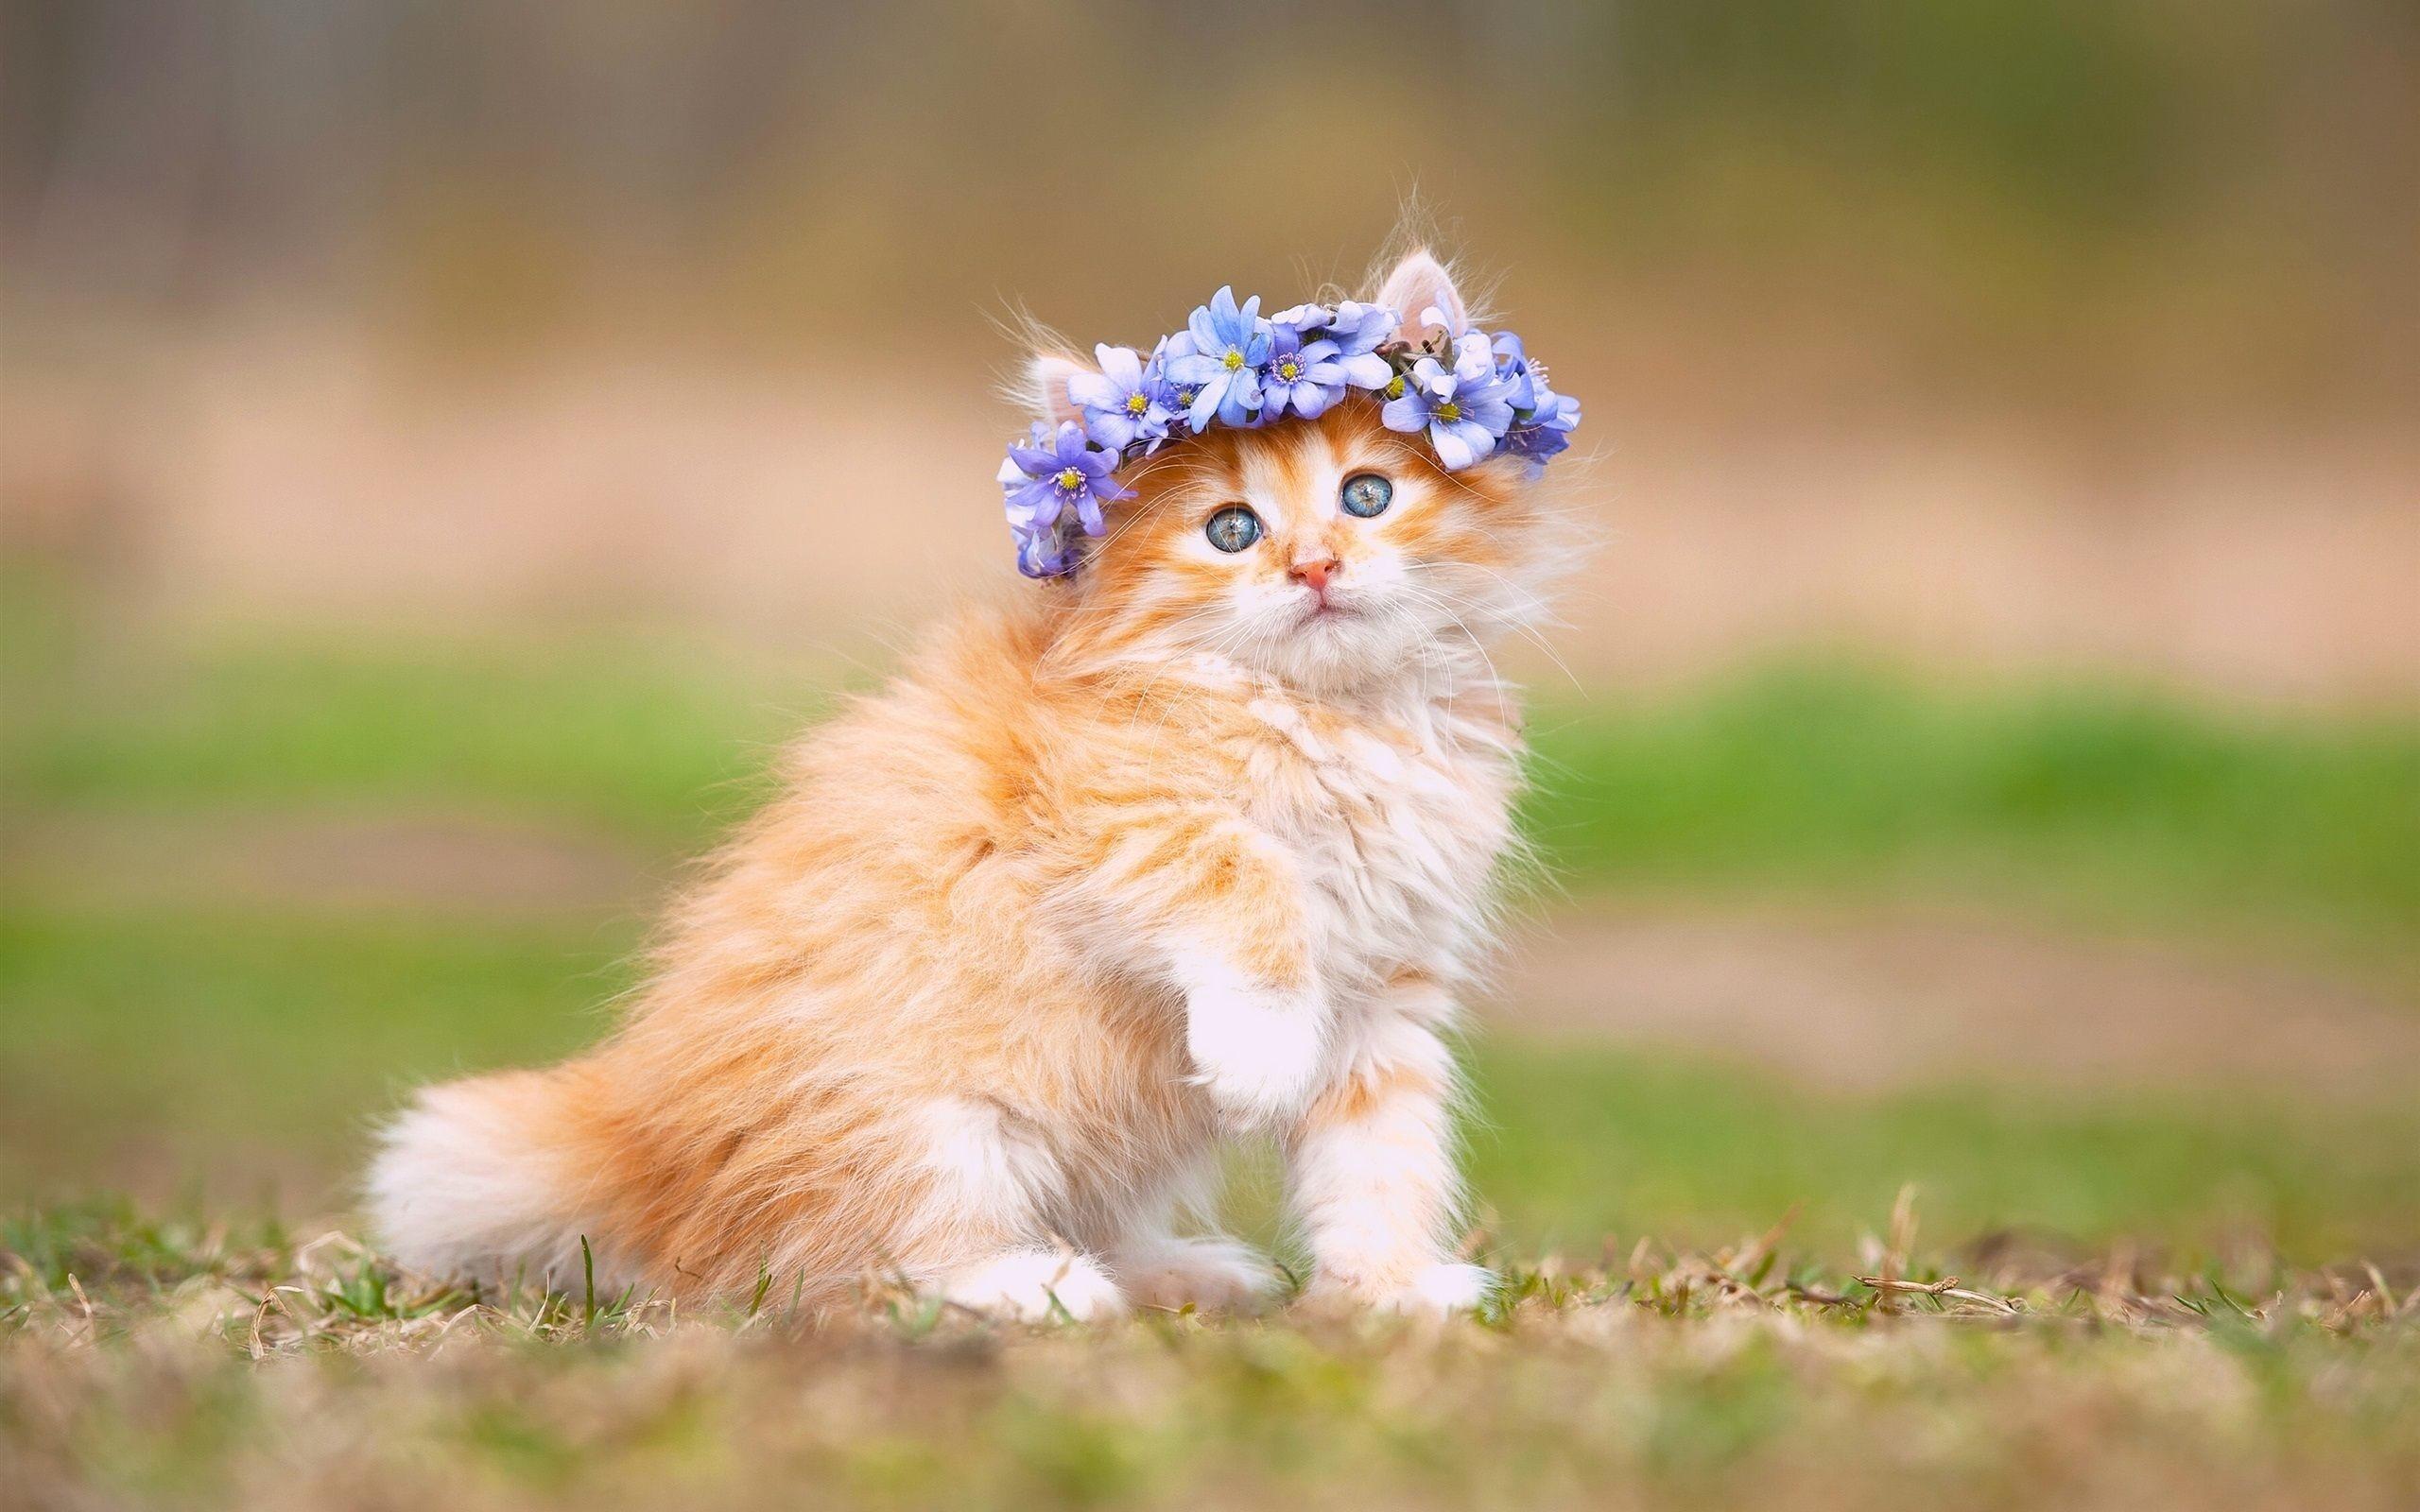 … Maine Coon Kitten Wallpaper